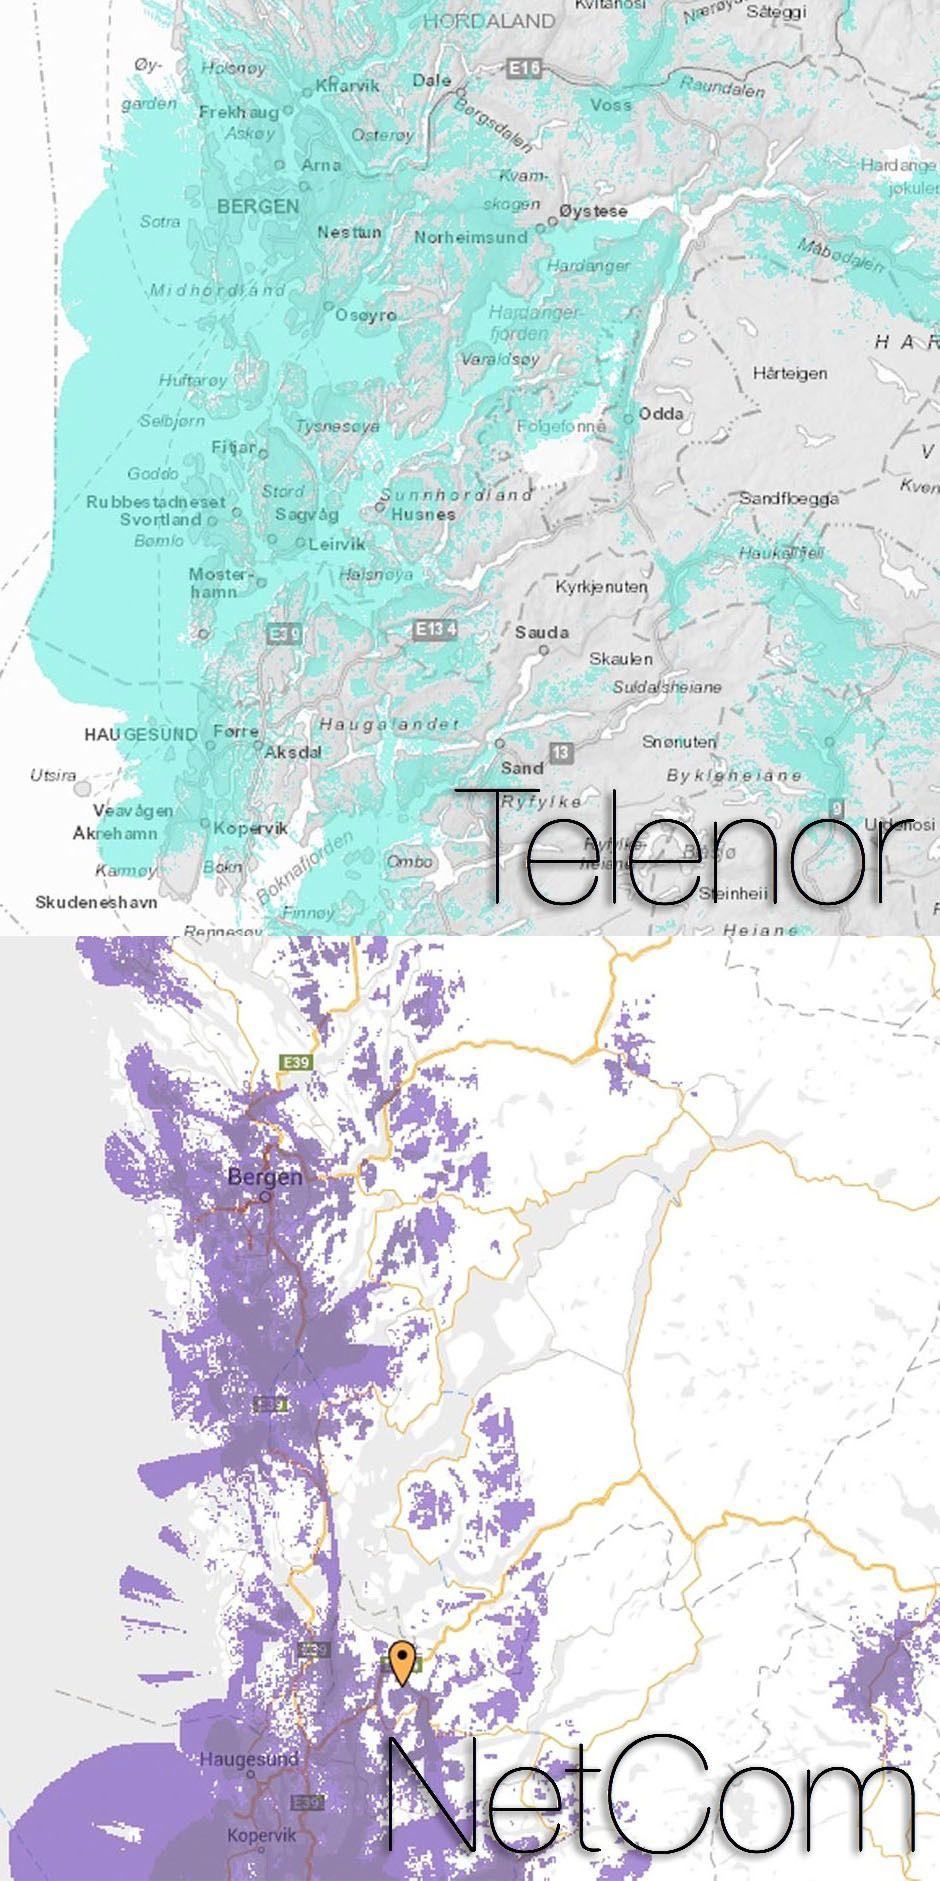 Dekningen din kan avhenge en del av hvilket nett du er i. Særlig når det kommer til 4G-dekning er dette sant, noe dekningskartene til Telenor og NetCom i Bergensområdet viser tydelig. Foto: NetCom/Telenor/Teknofil.no/montasje